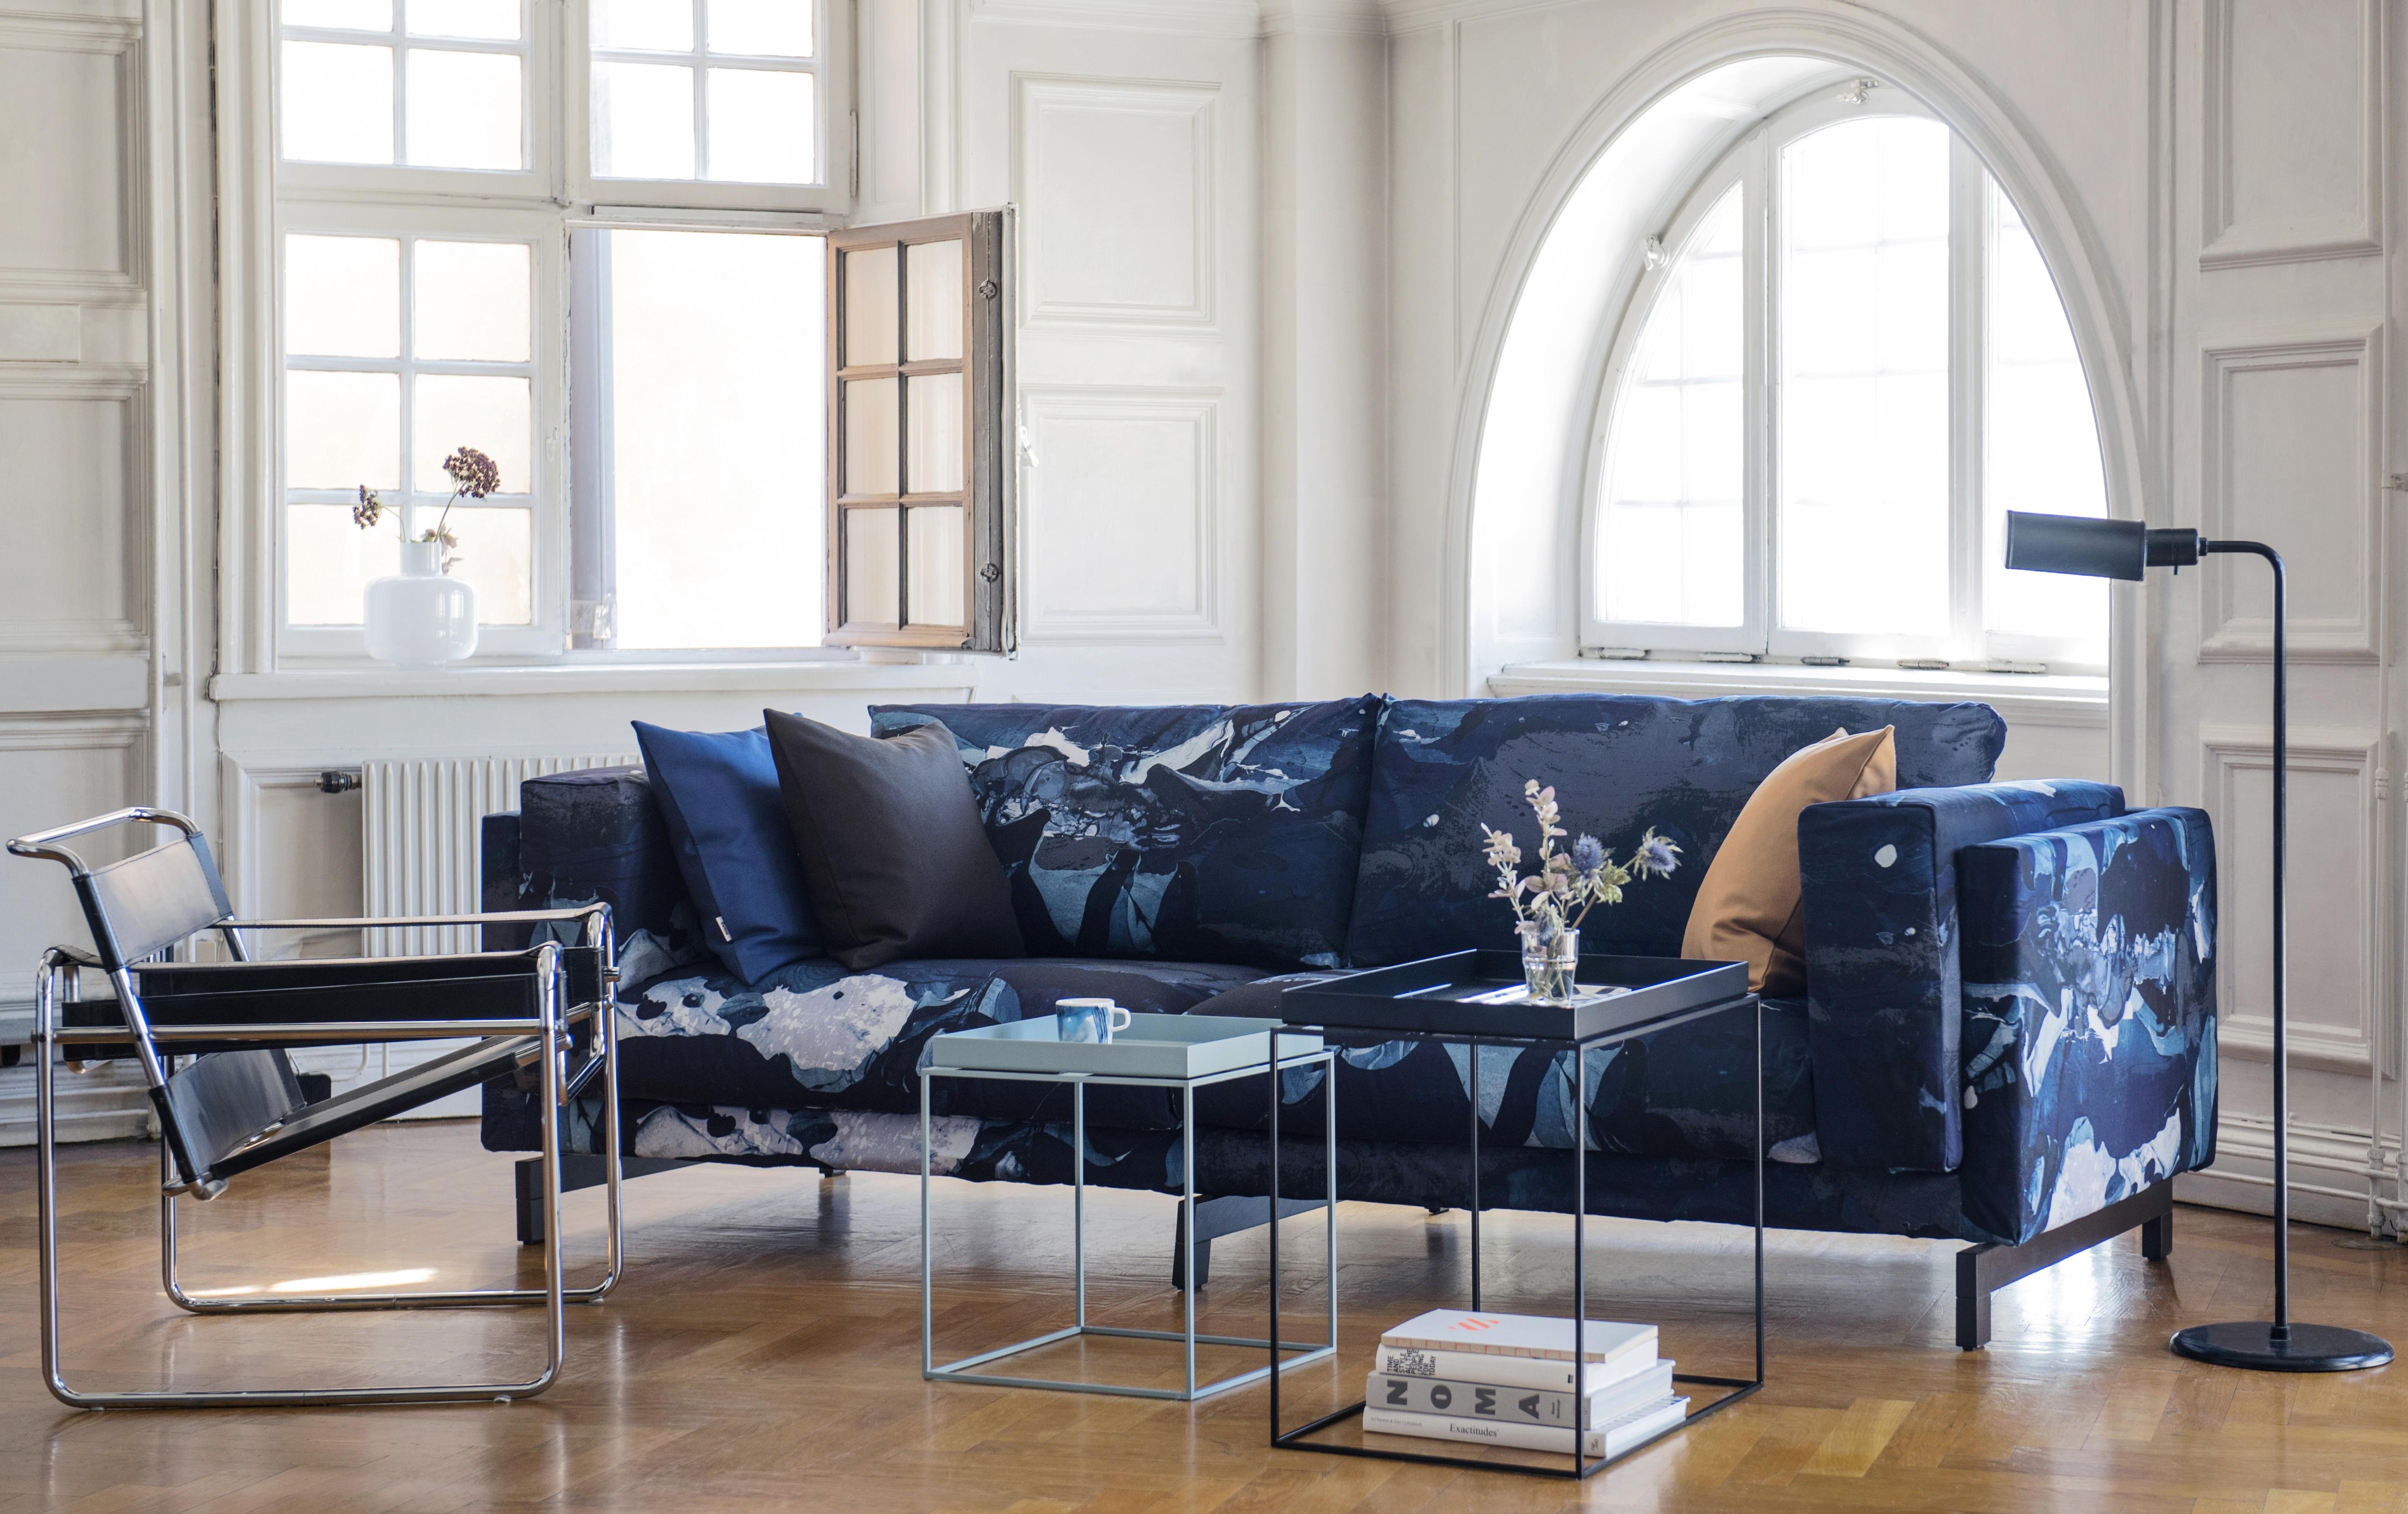 Nockeby f r att himlen r bl bemz for Housse pour sofa